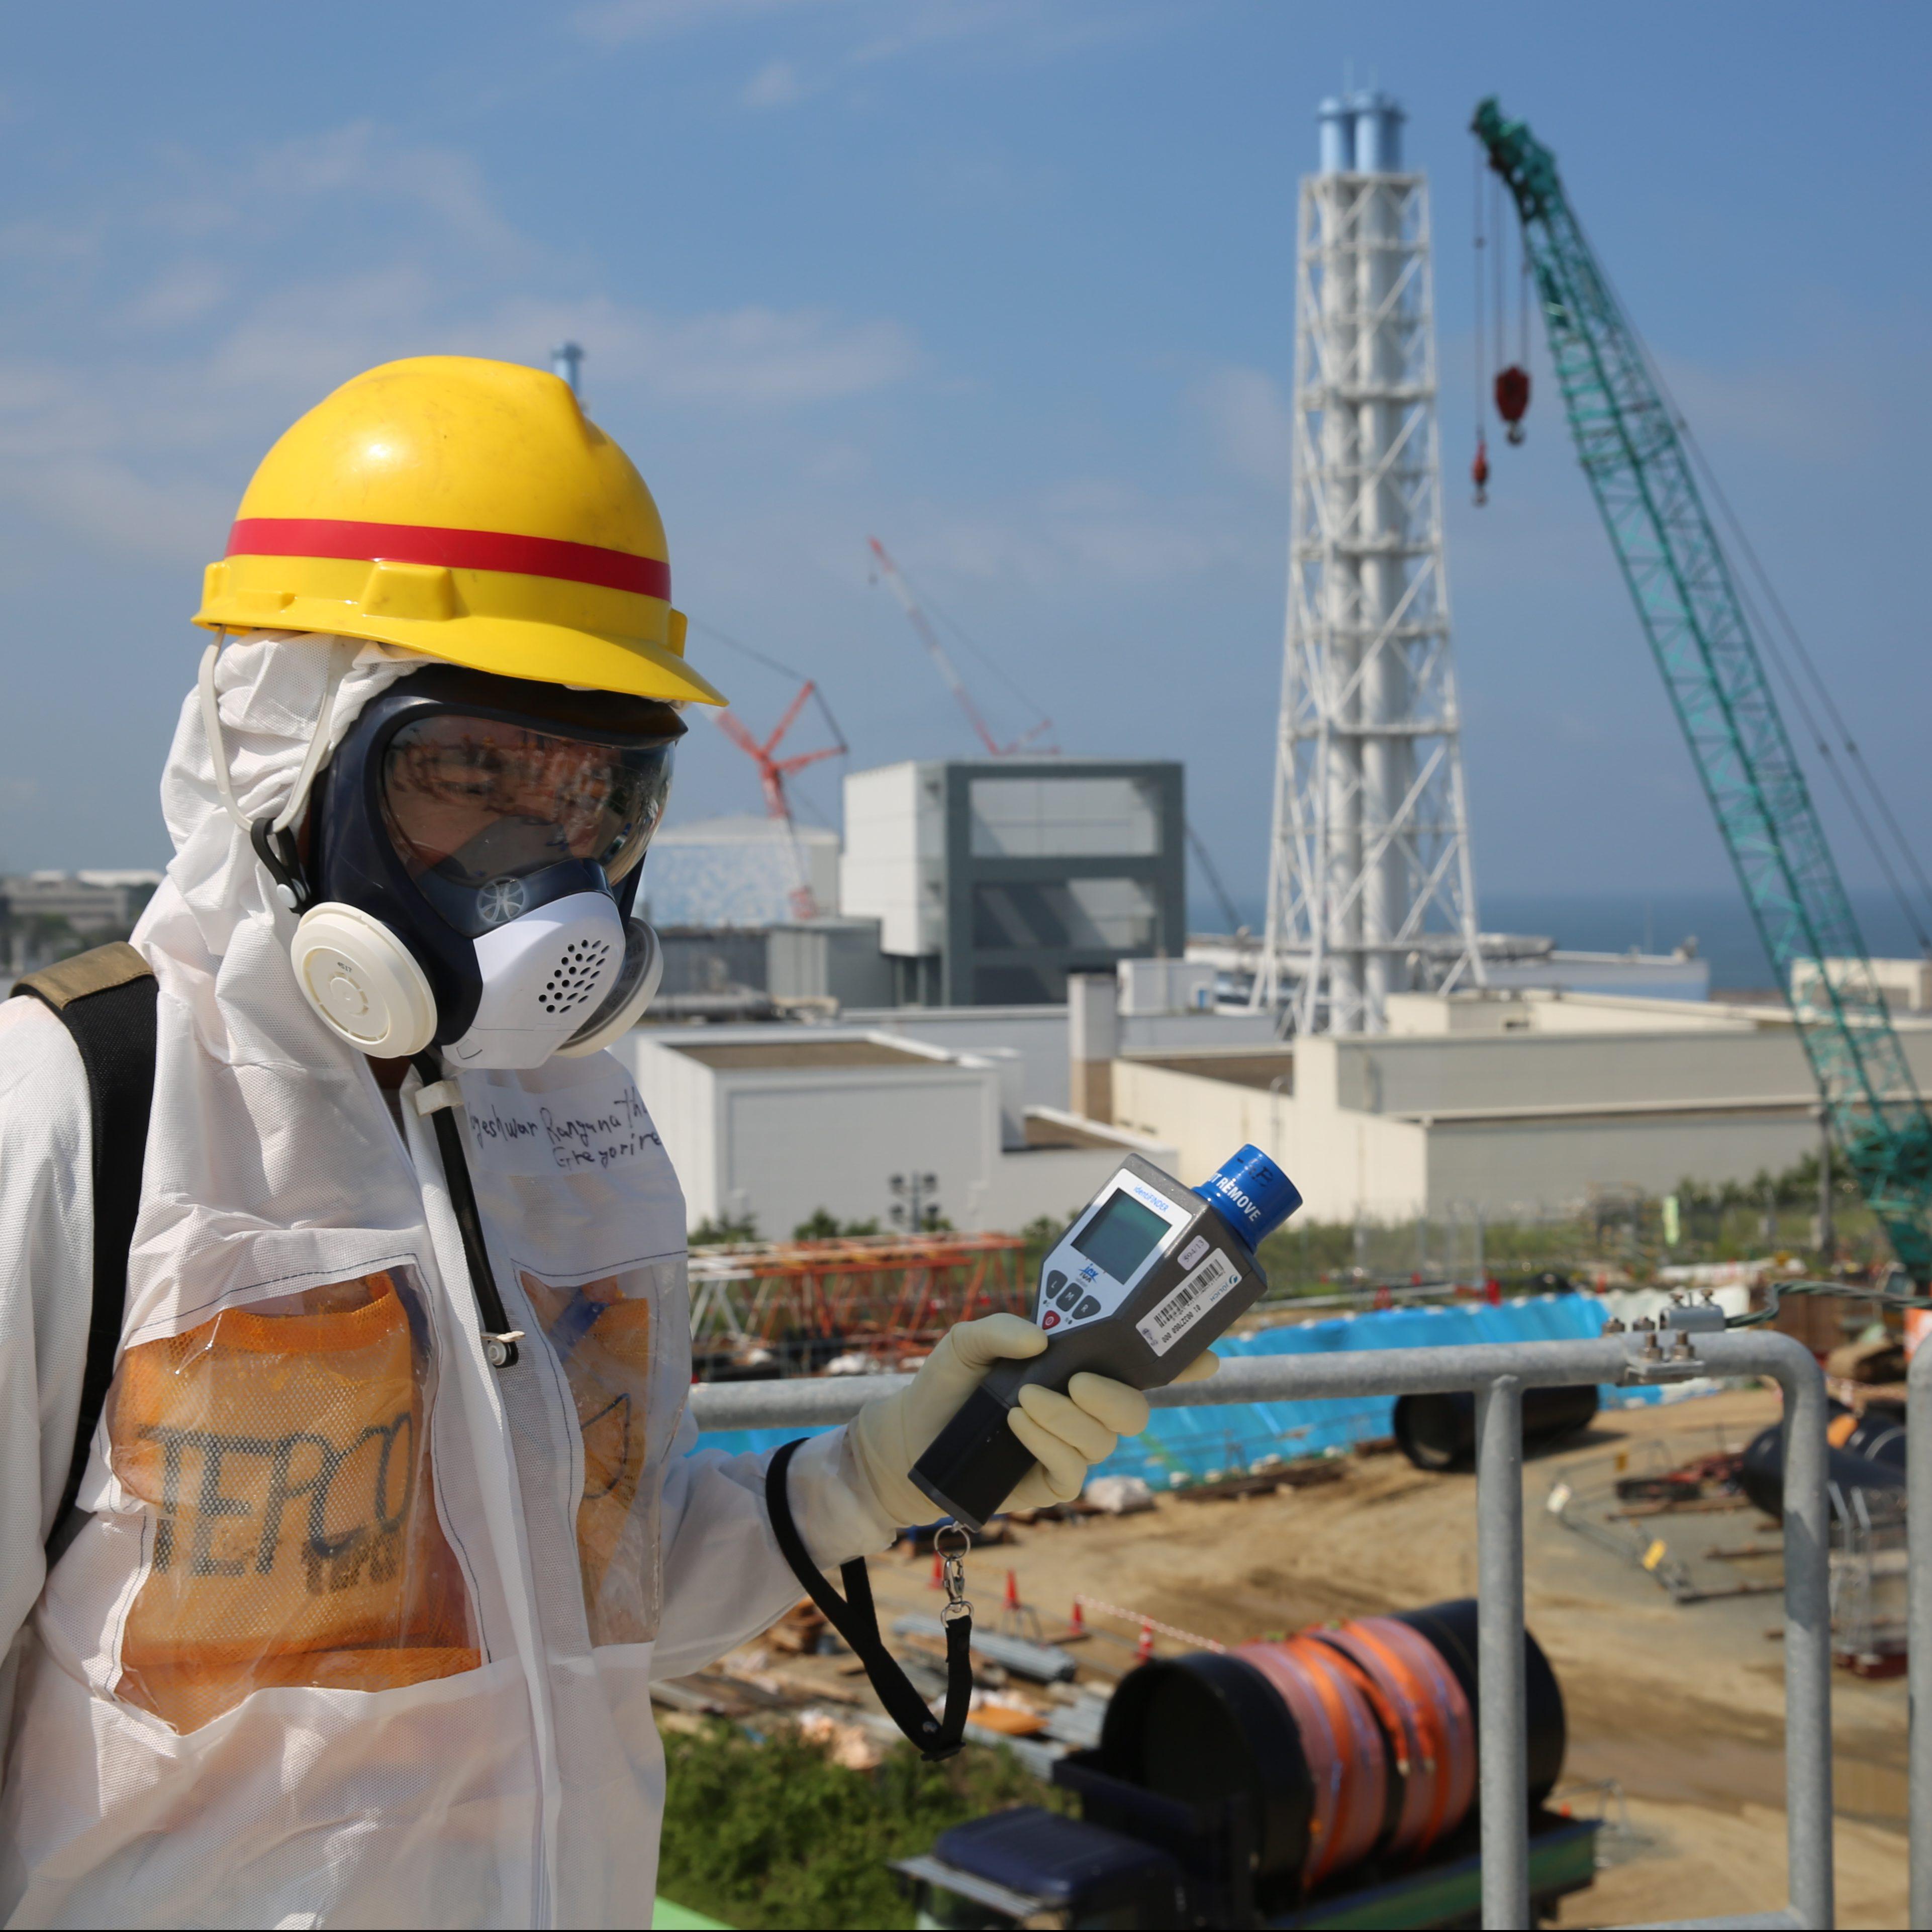 Reportage aus Fukushima